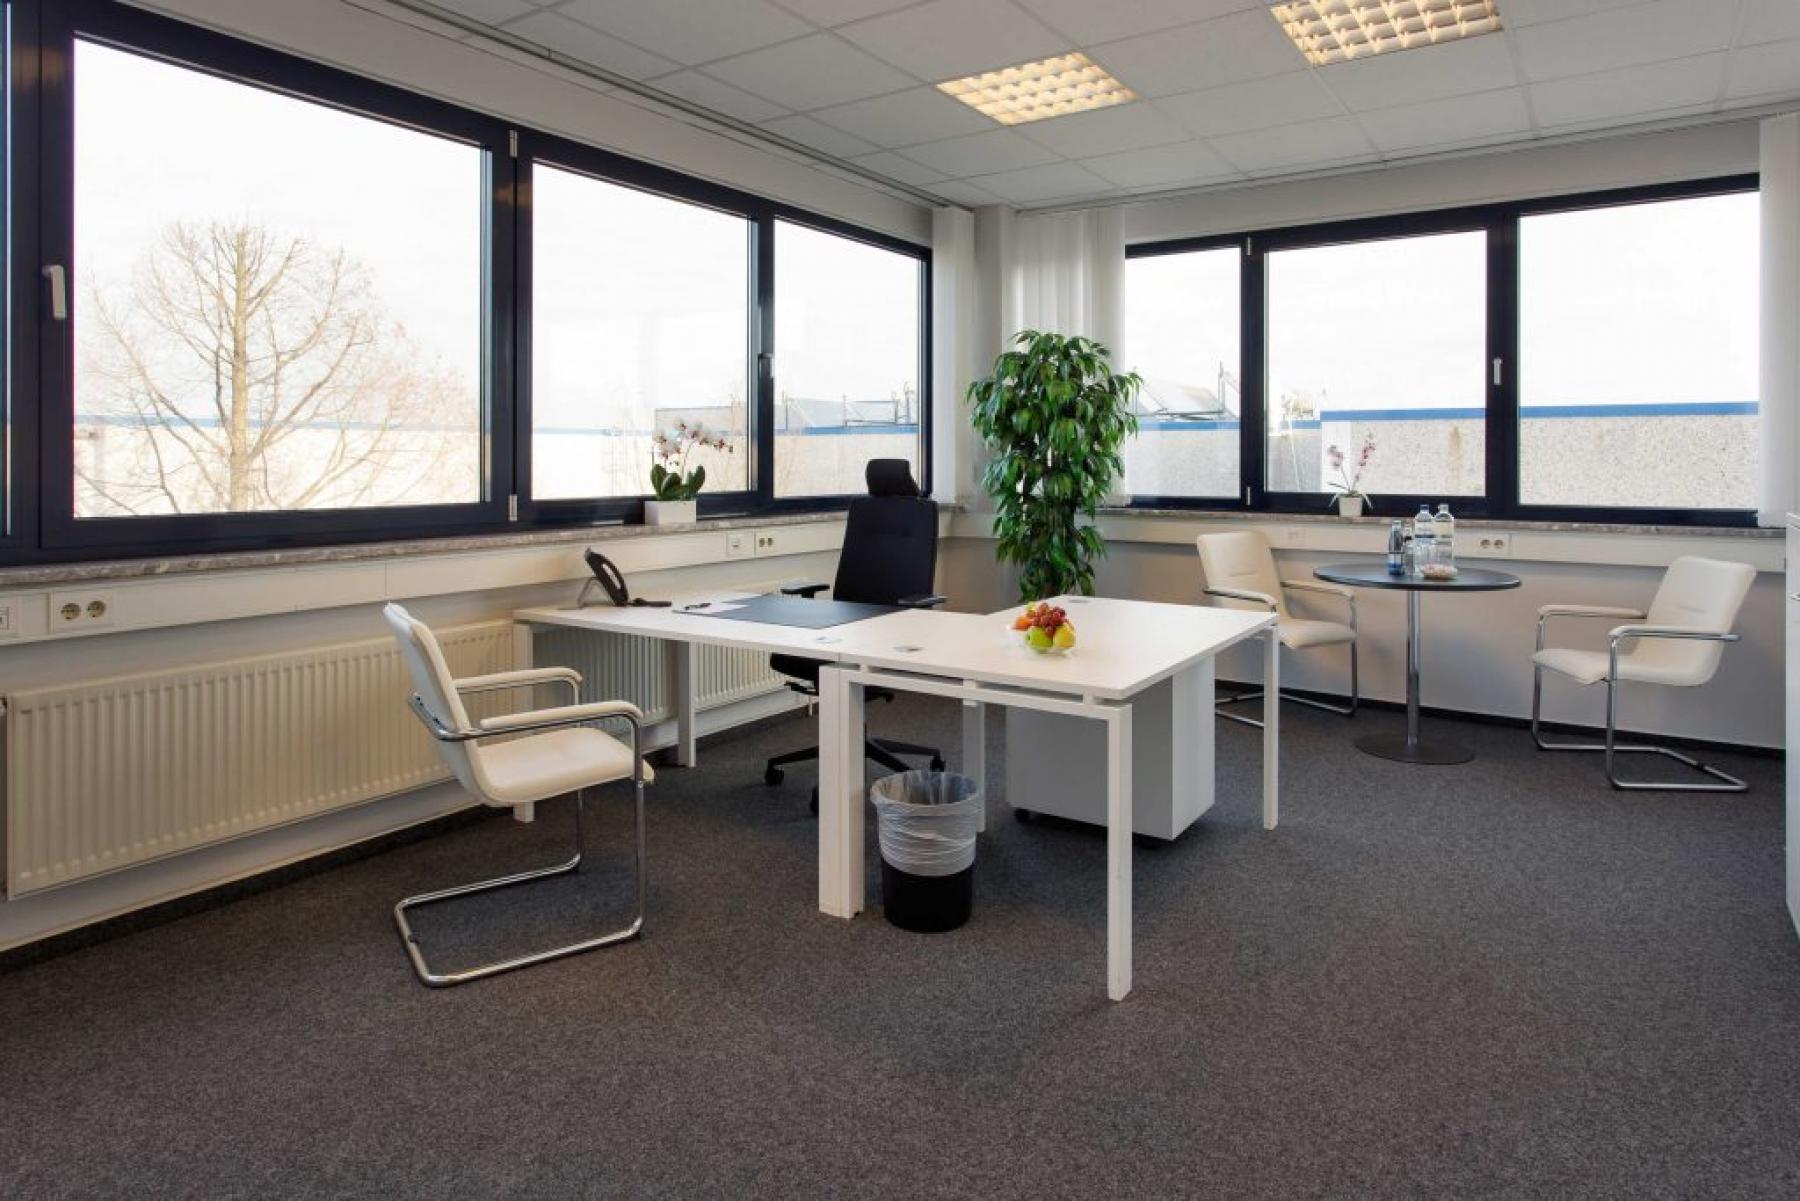 Helles Büro mieten in der Nähe des Flughafens an der Obenhauptstraße in Hamburg-Nord